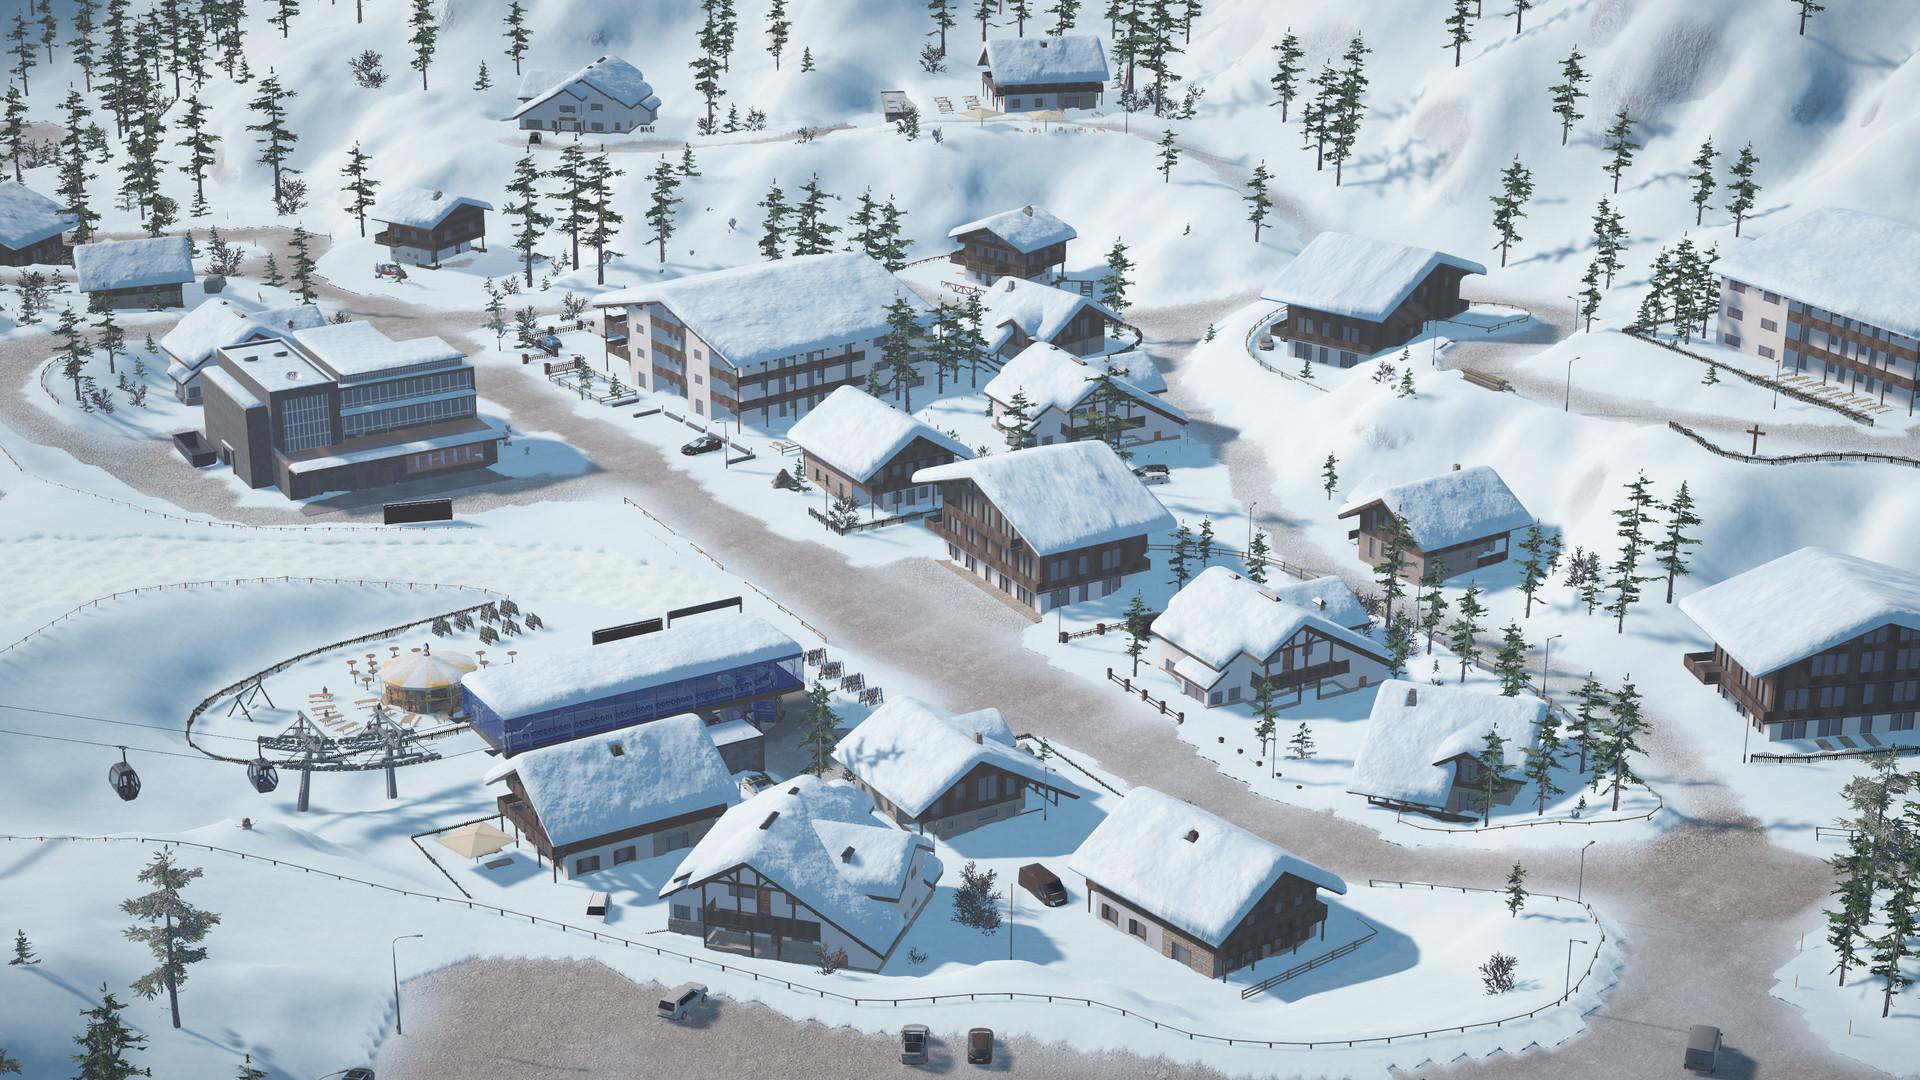 Winter Resort Simulator 2 Free Download